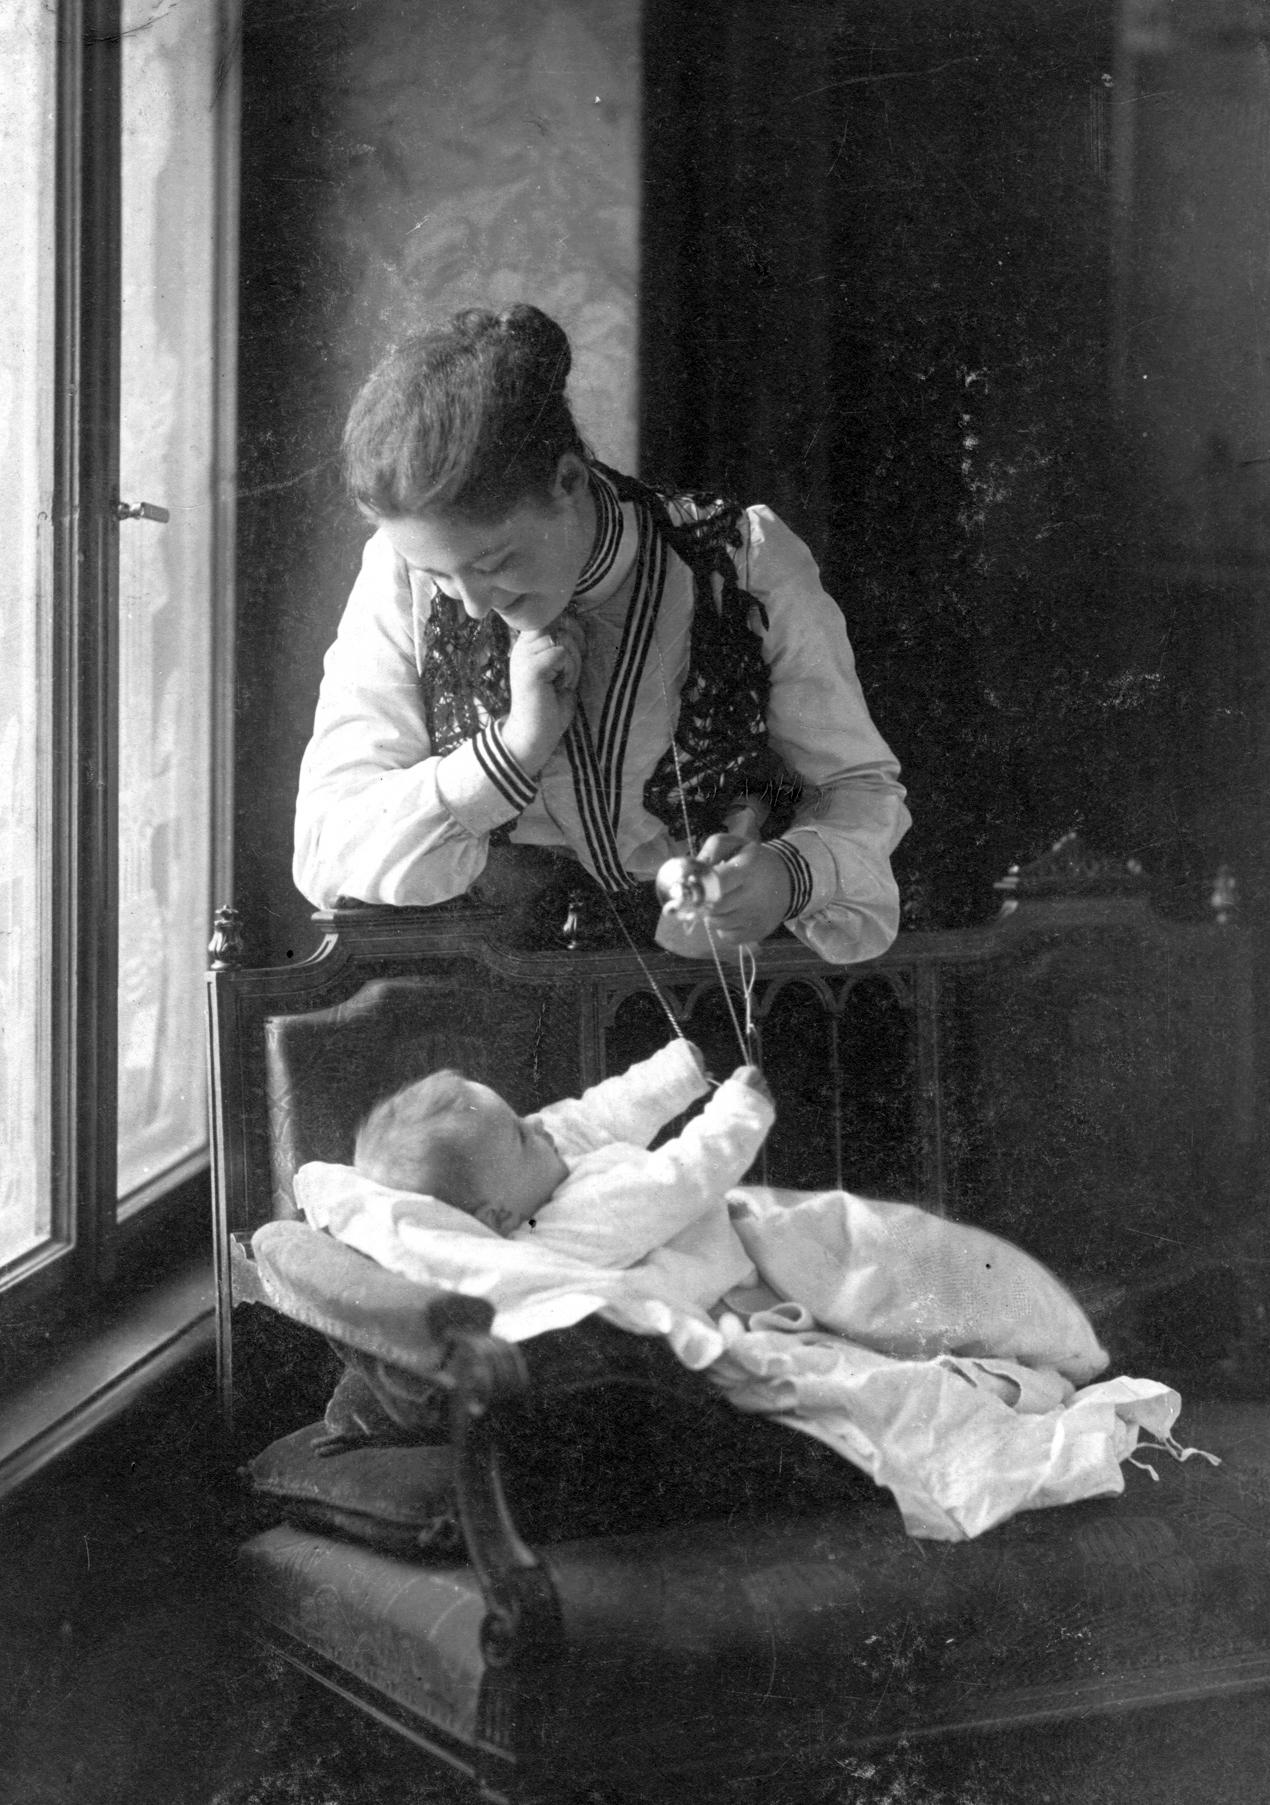 Anya gyermek 19. század vége.jpg